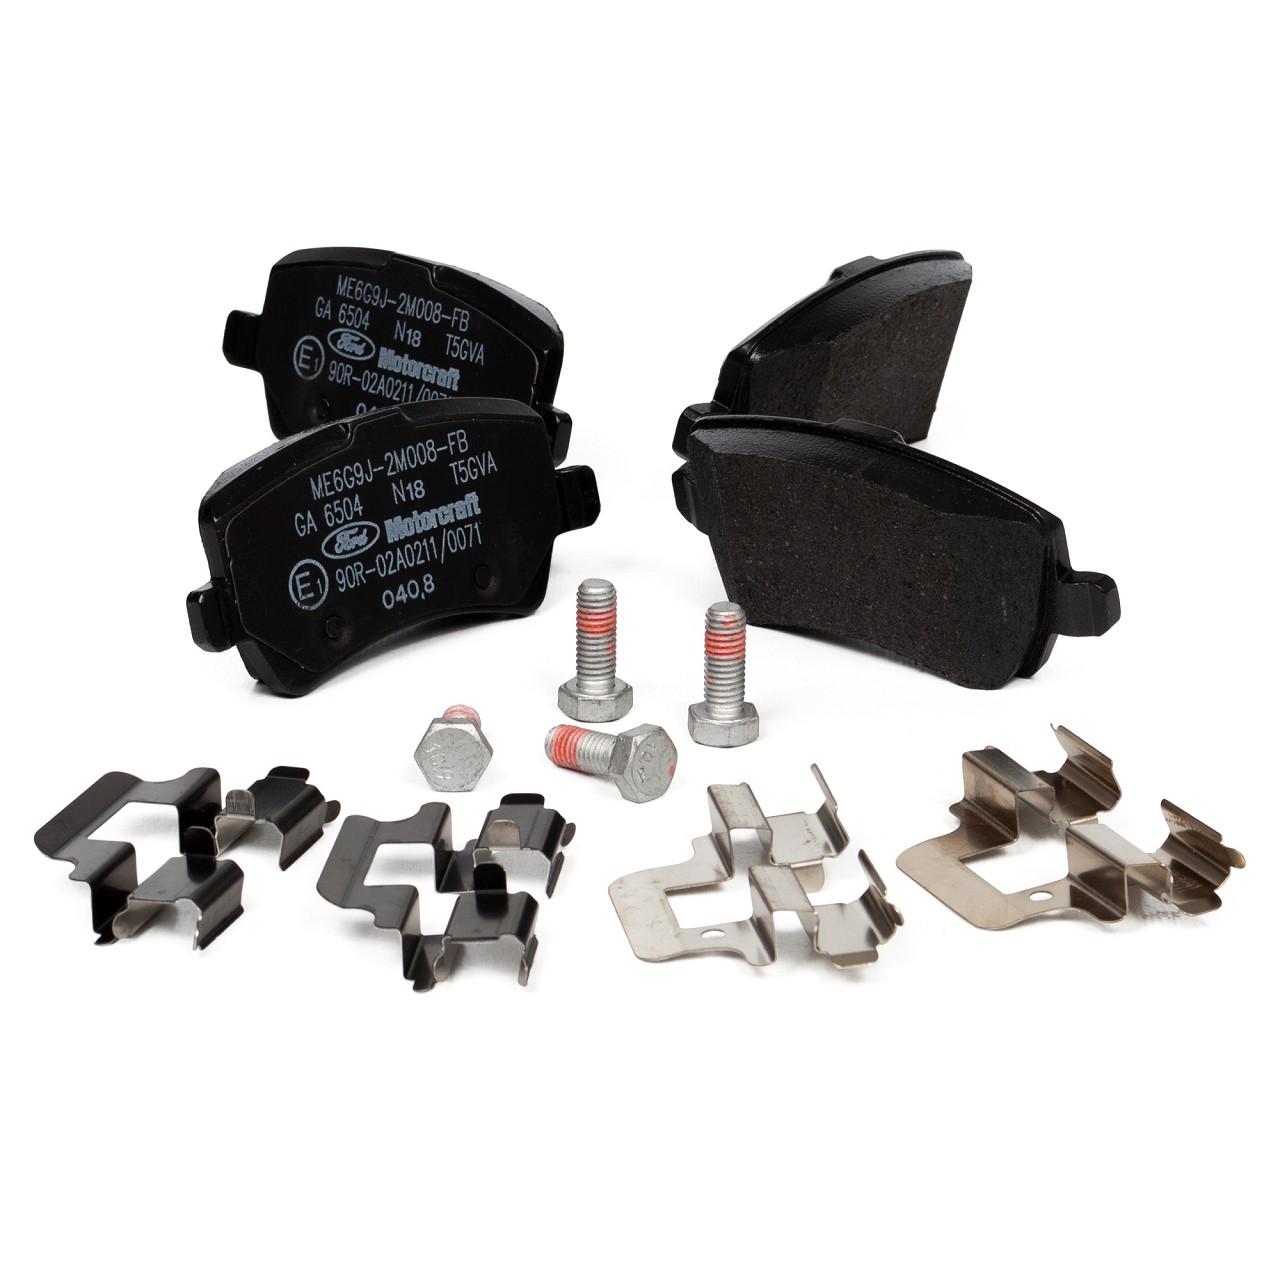 ORIGINAL Ford Bremsen Kit Bremsscheiben + Beläge GALAXY S-MAX (WA6) vorne+hinten